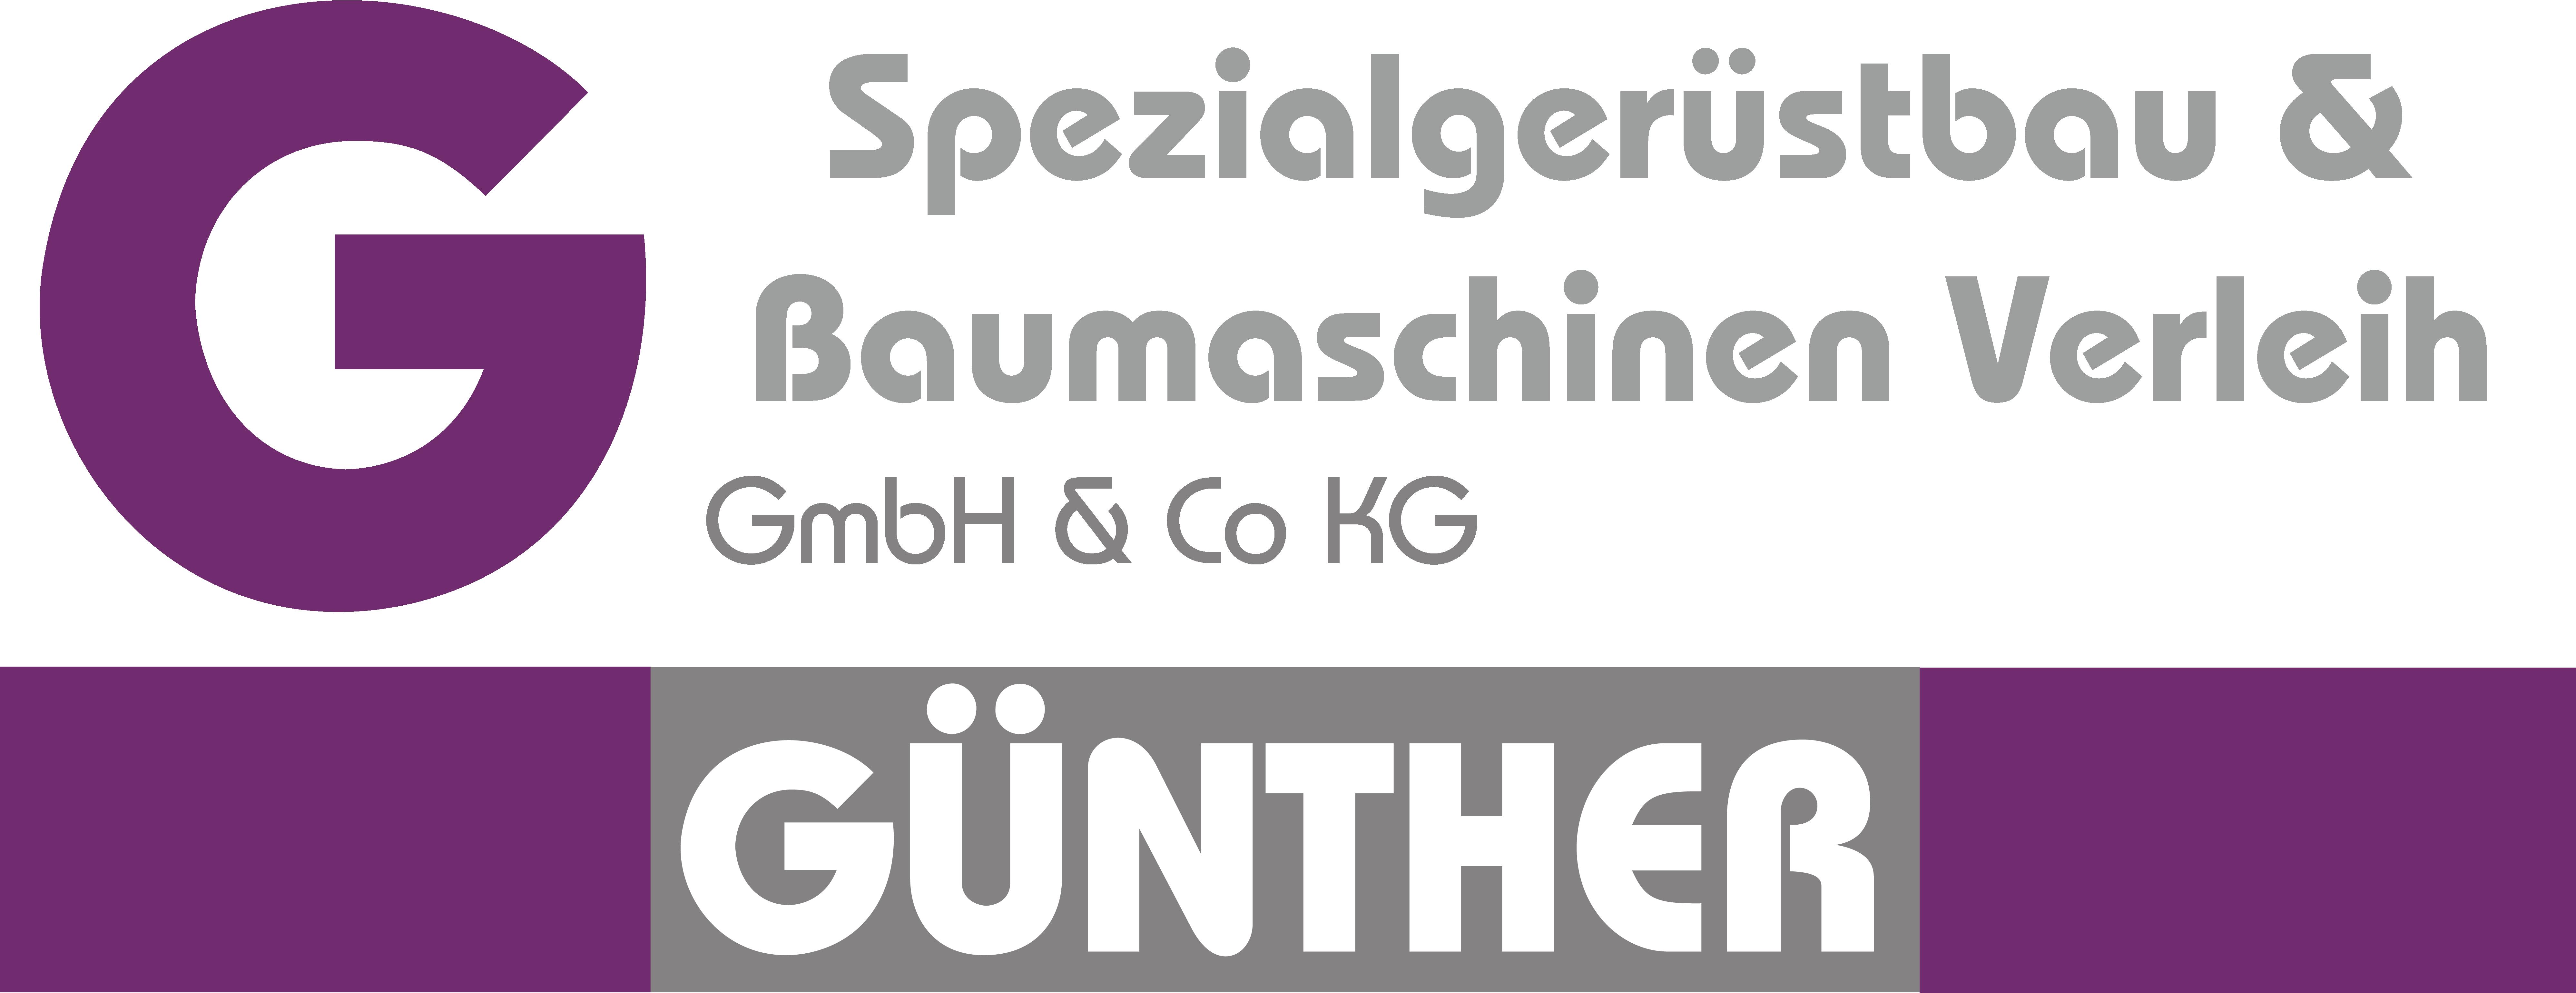 Günther Gerüstbau